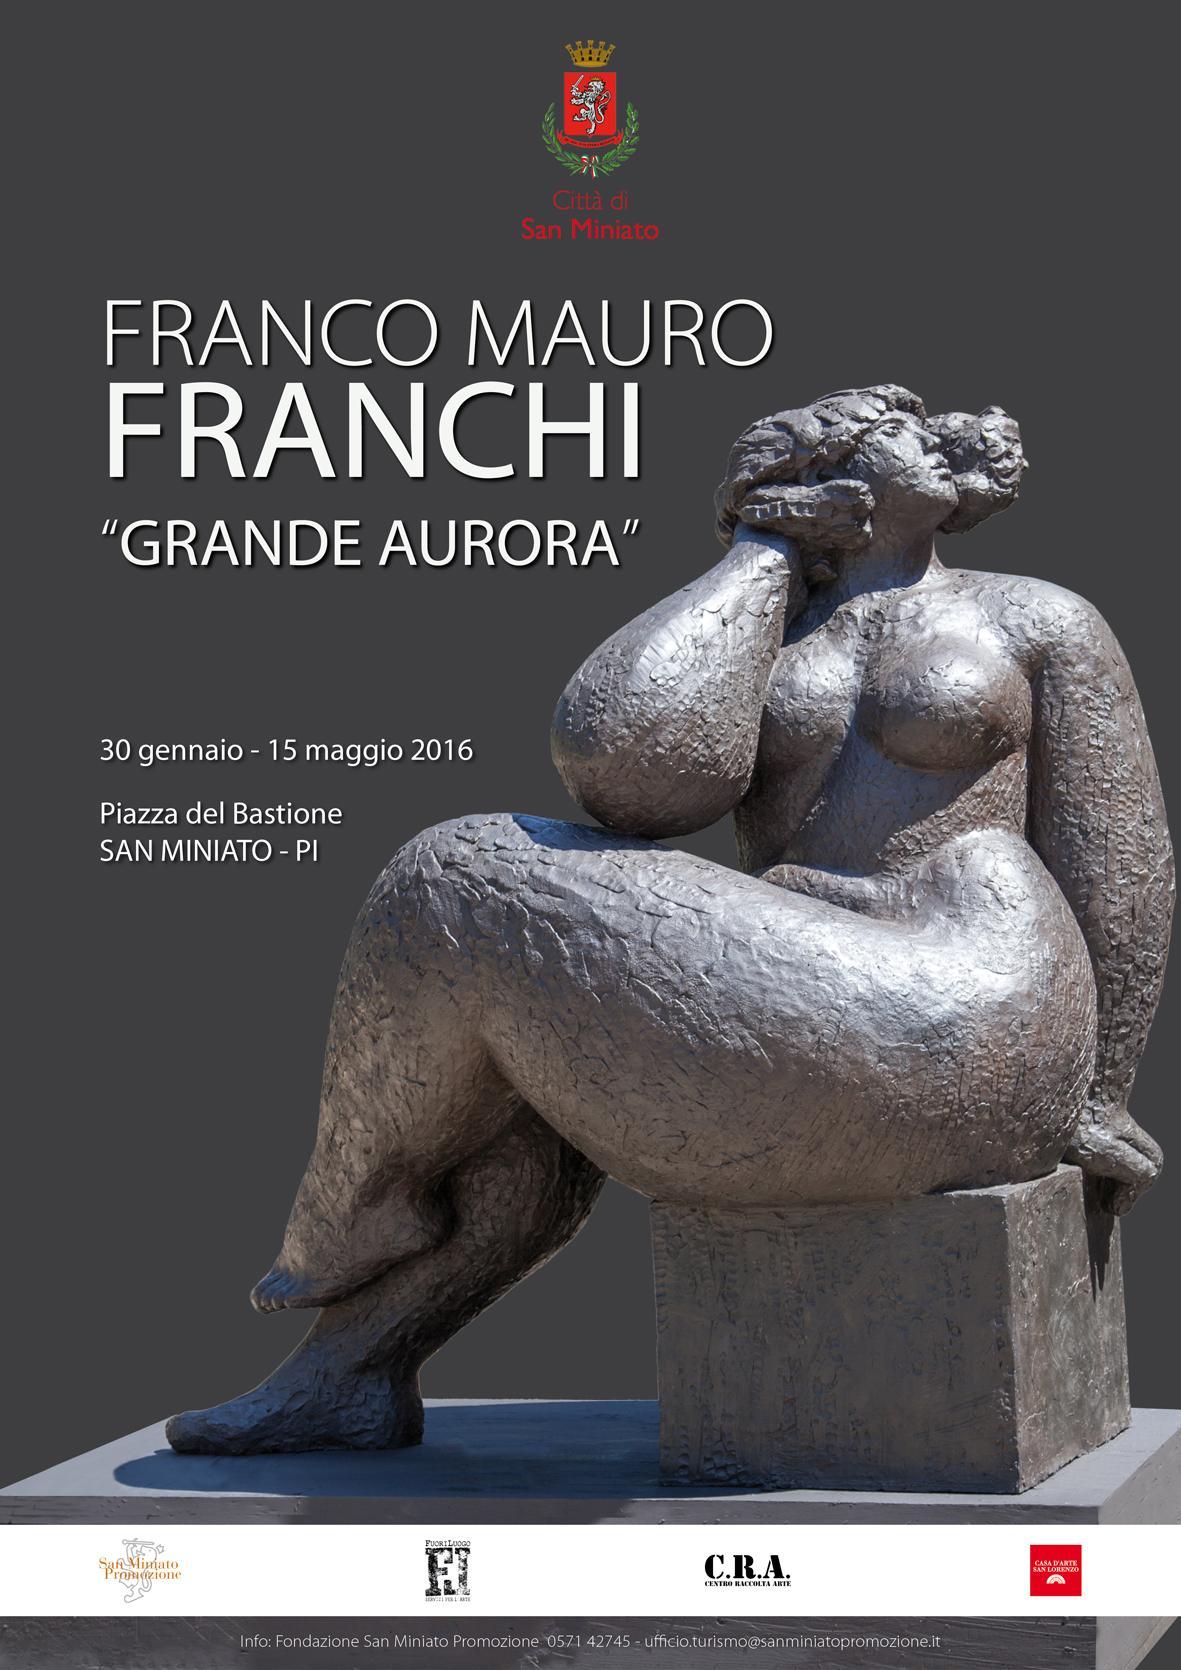 Franchi_Grande Aurora_LOC_1